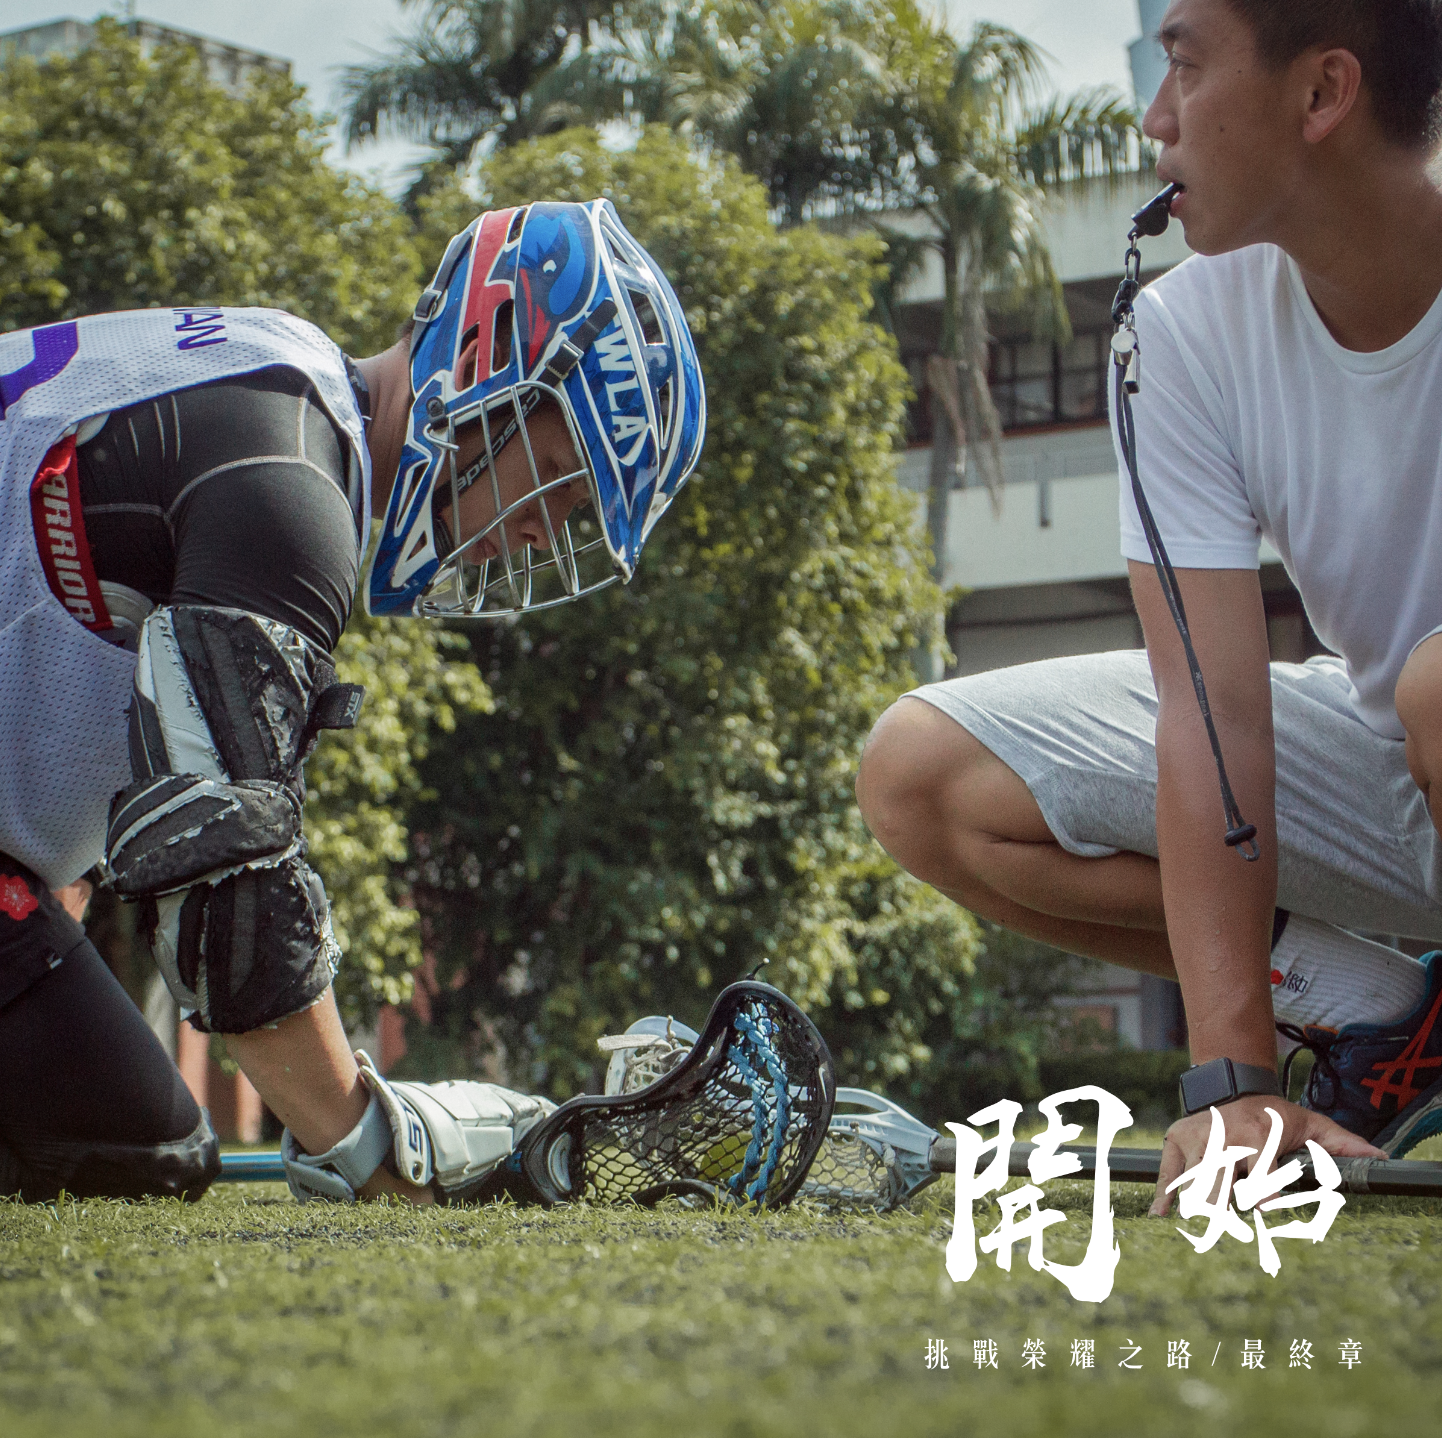 《挑戰榮耀之路》最終章:開始 - 世界盃結束,亦象徵新的開始。球員將回到起點,為台灣袋棍球努力耕耘、施展抱負、寫下新的一章。點此連結觀看影片。